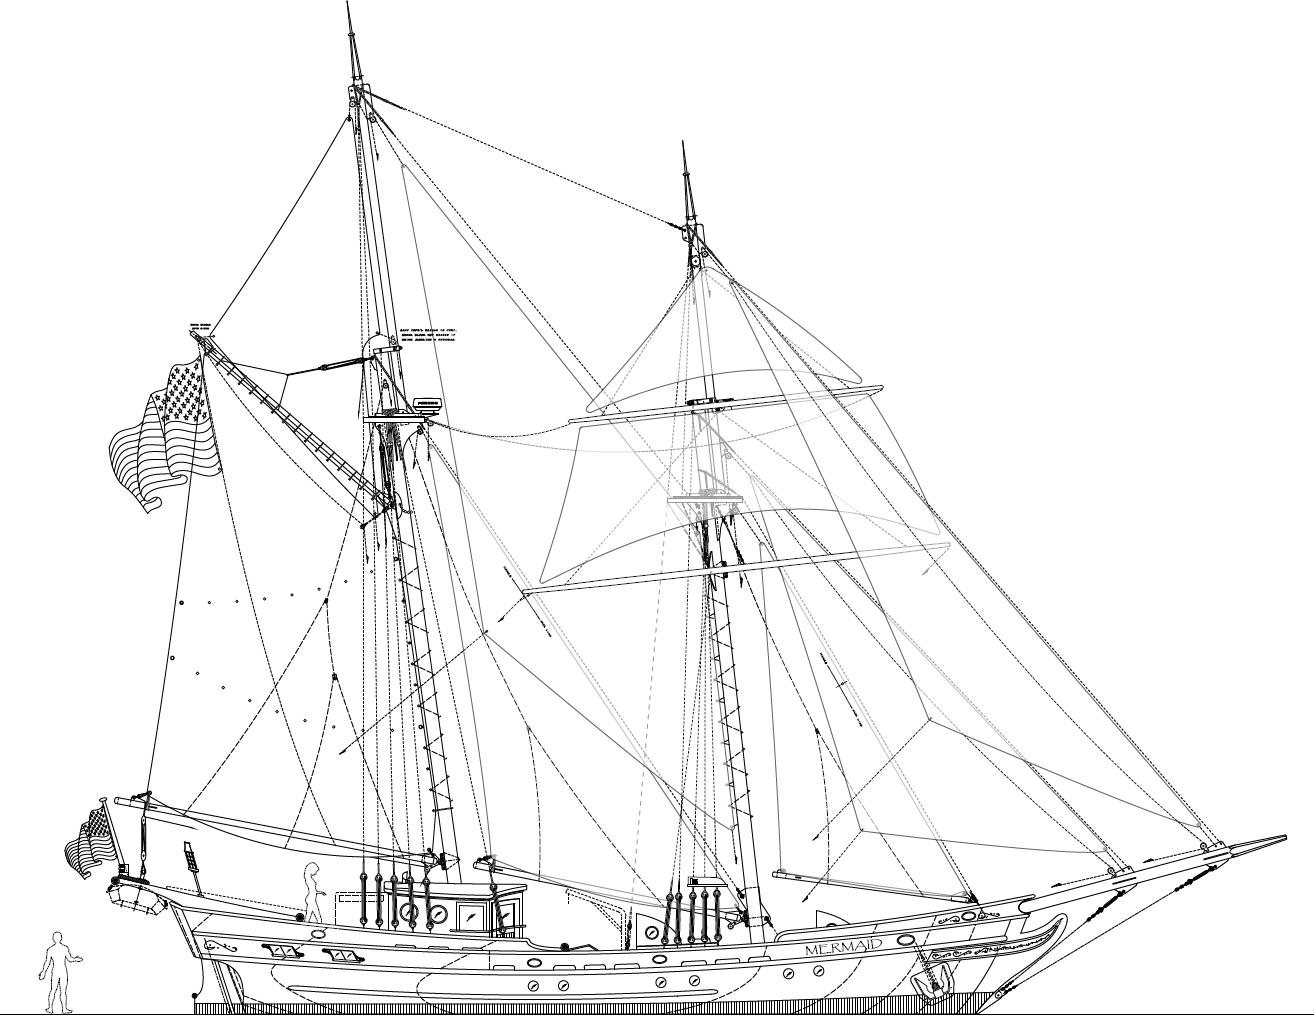 61' MERMAID - An Authentic 1700's Brigantine by Kasten Marine Design